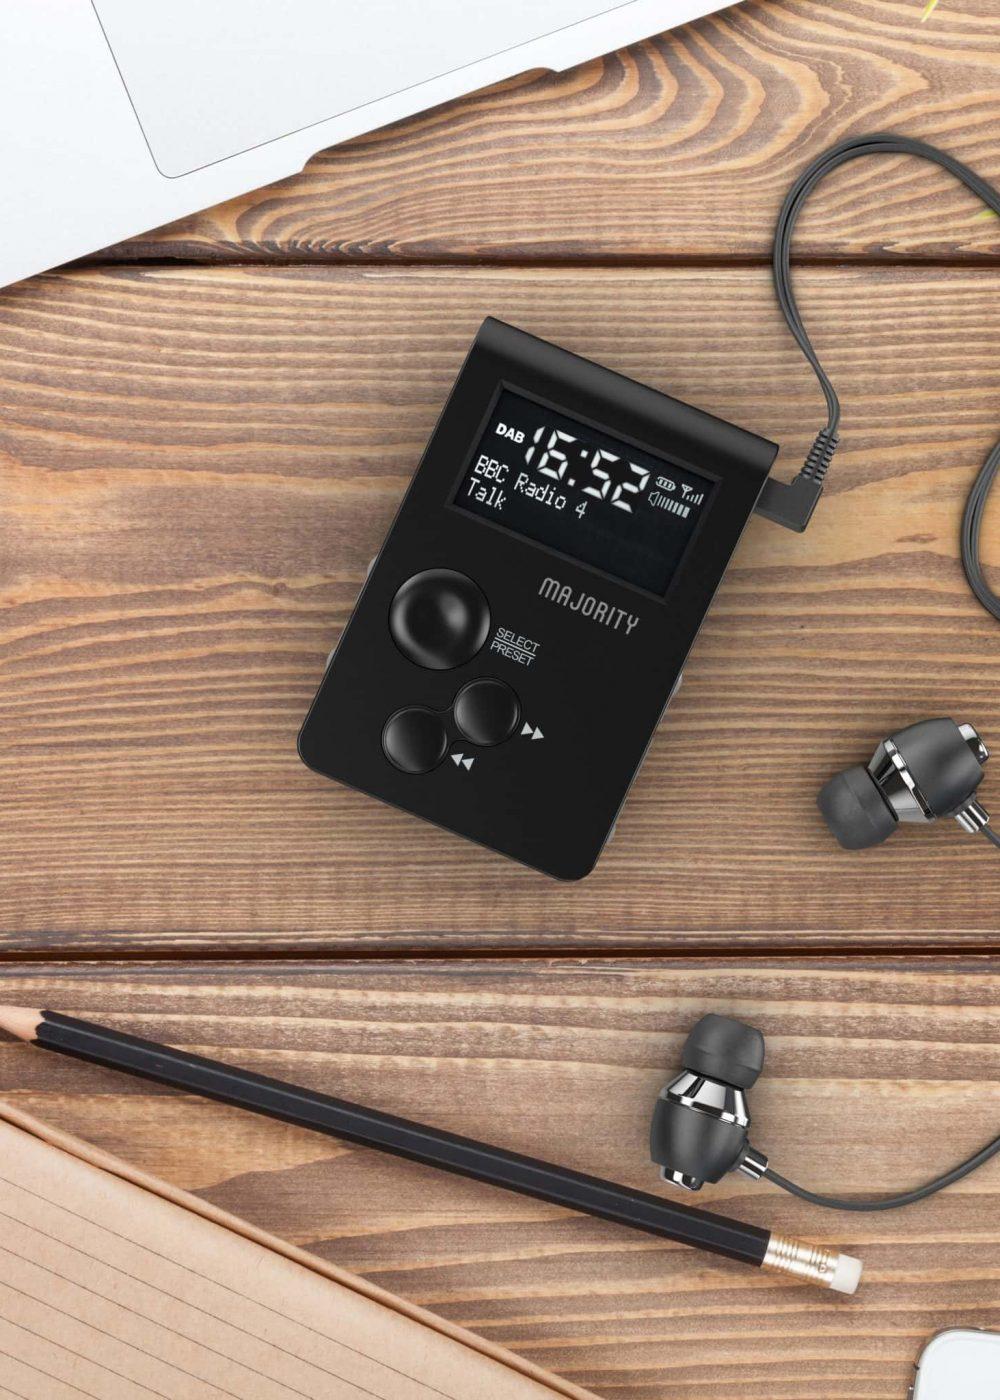 DAB Pocket Radio - Petersfield Go Lifestyle